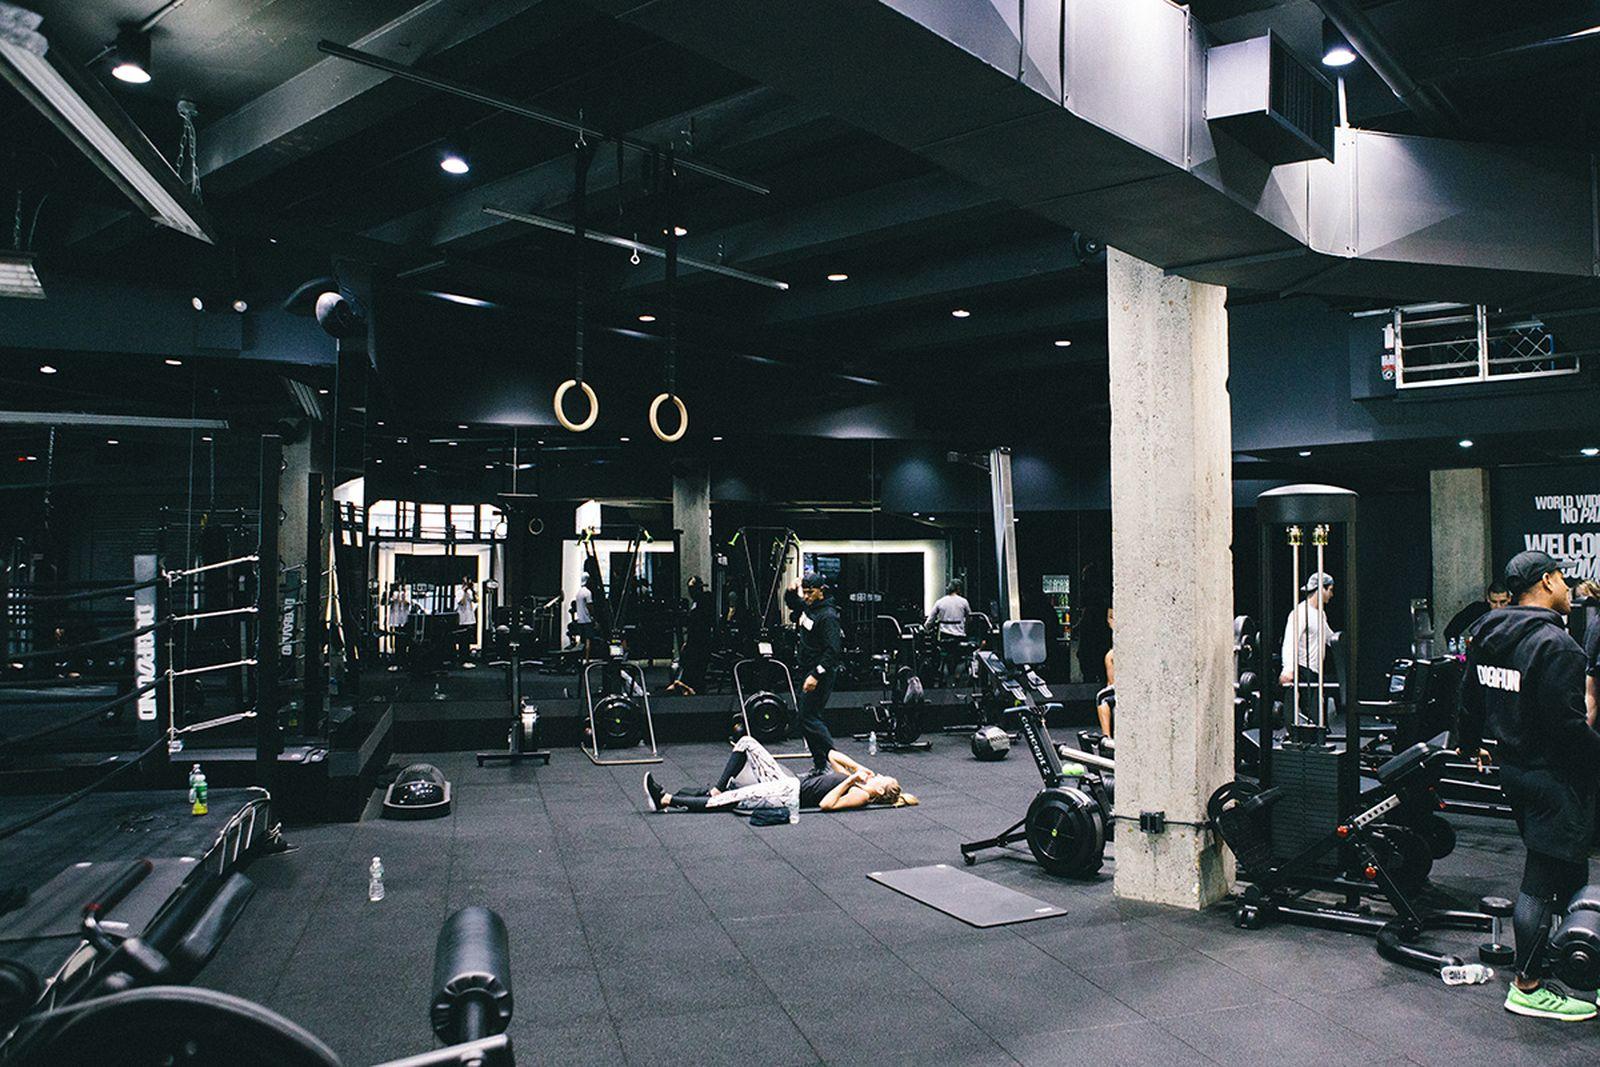 dogpound-gym-nyc-06